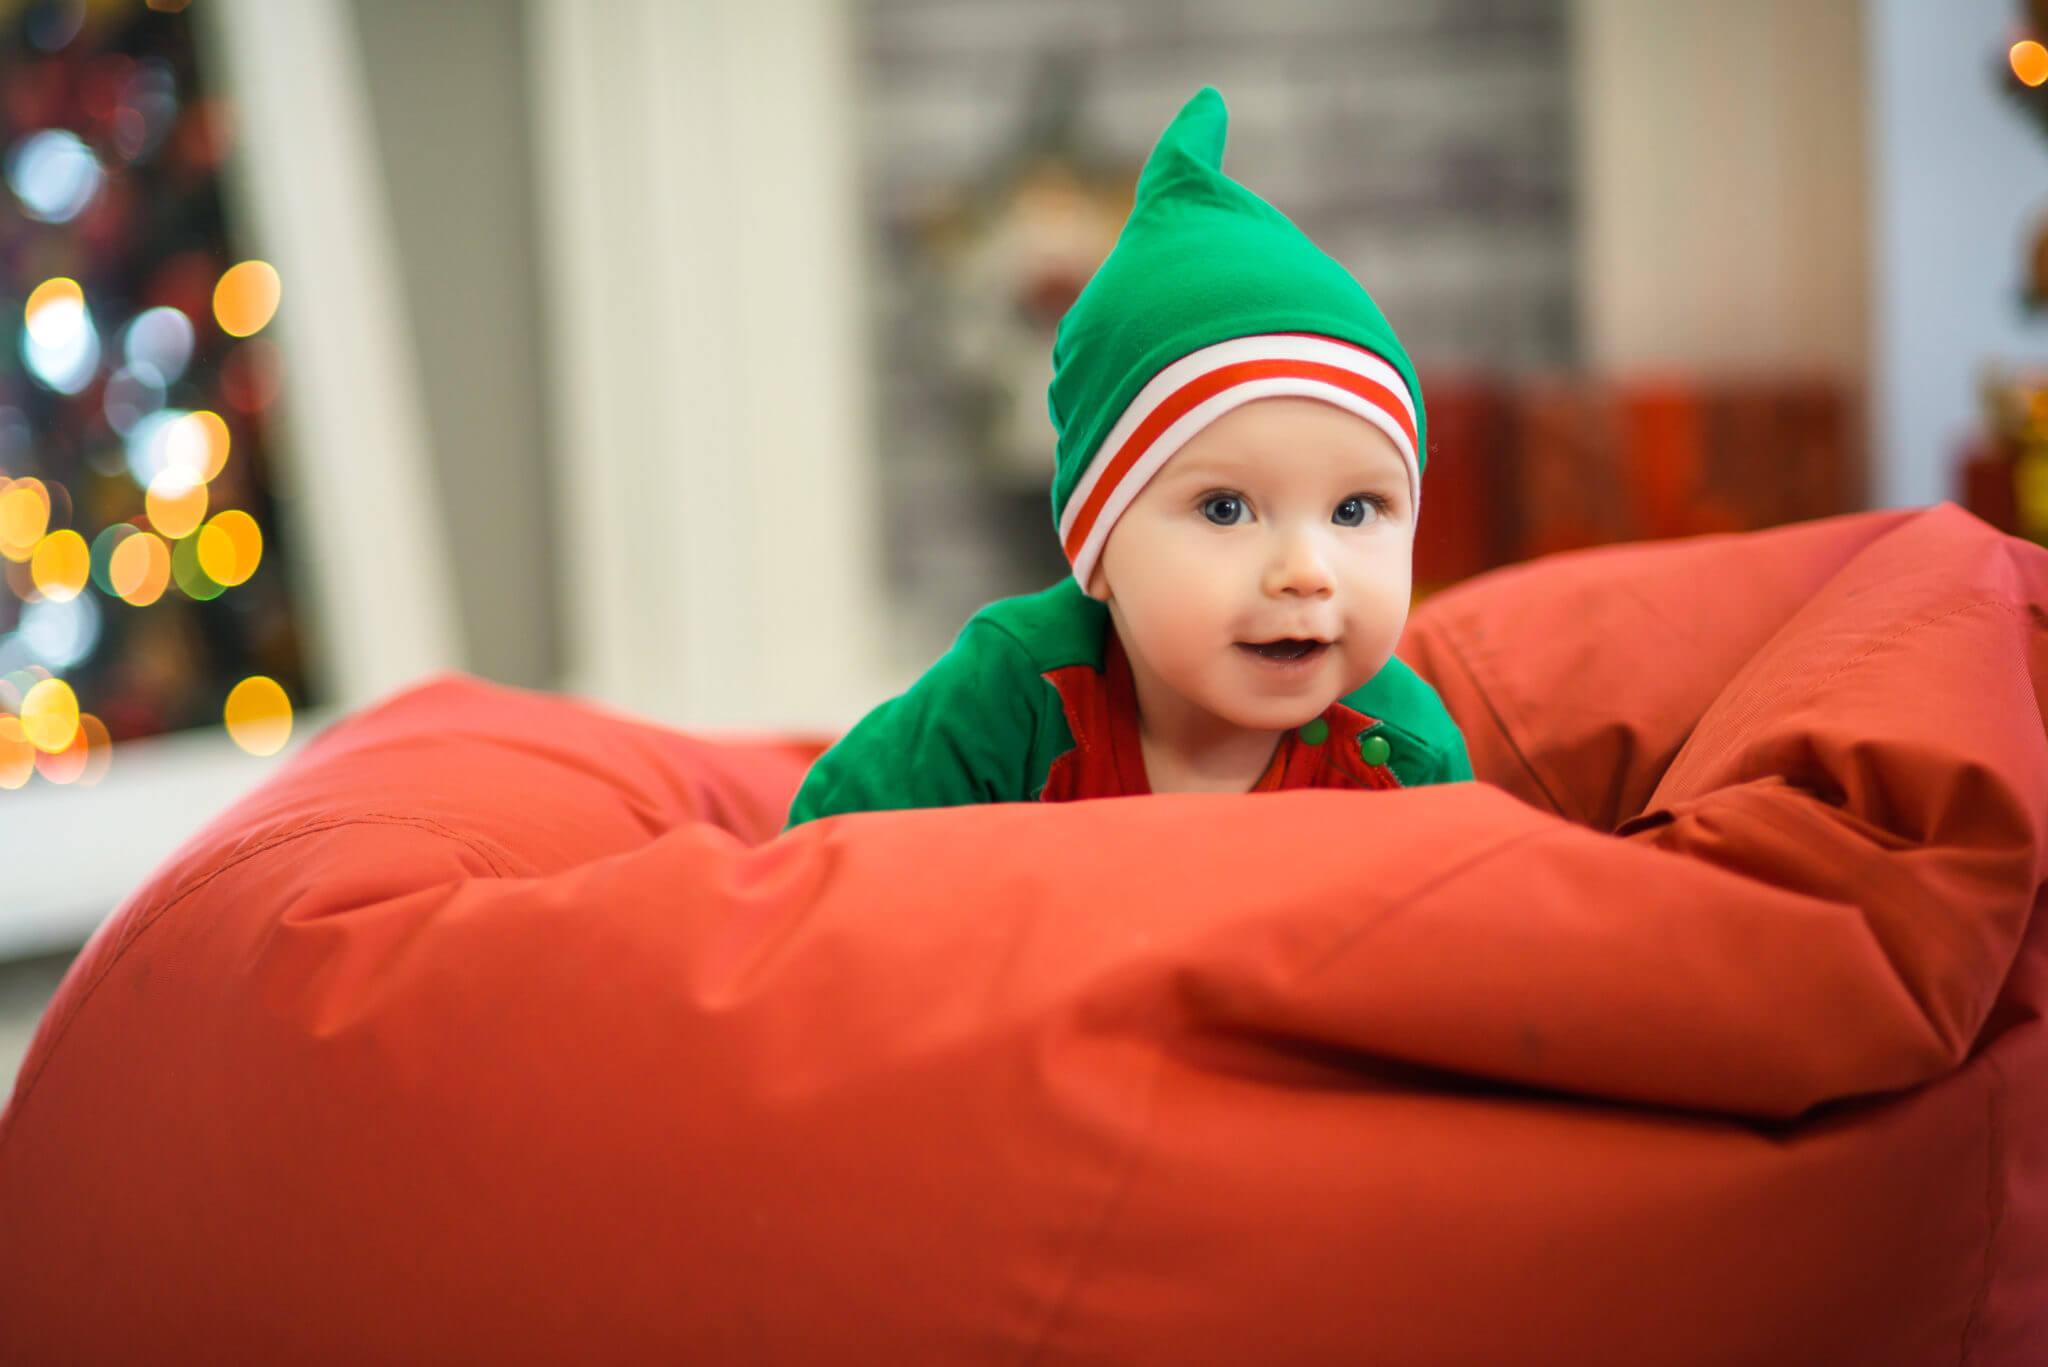 Новогодняя фотосессия, ребенок в костюме эльфа на красной подушке